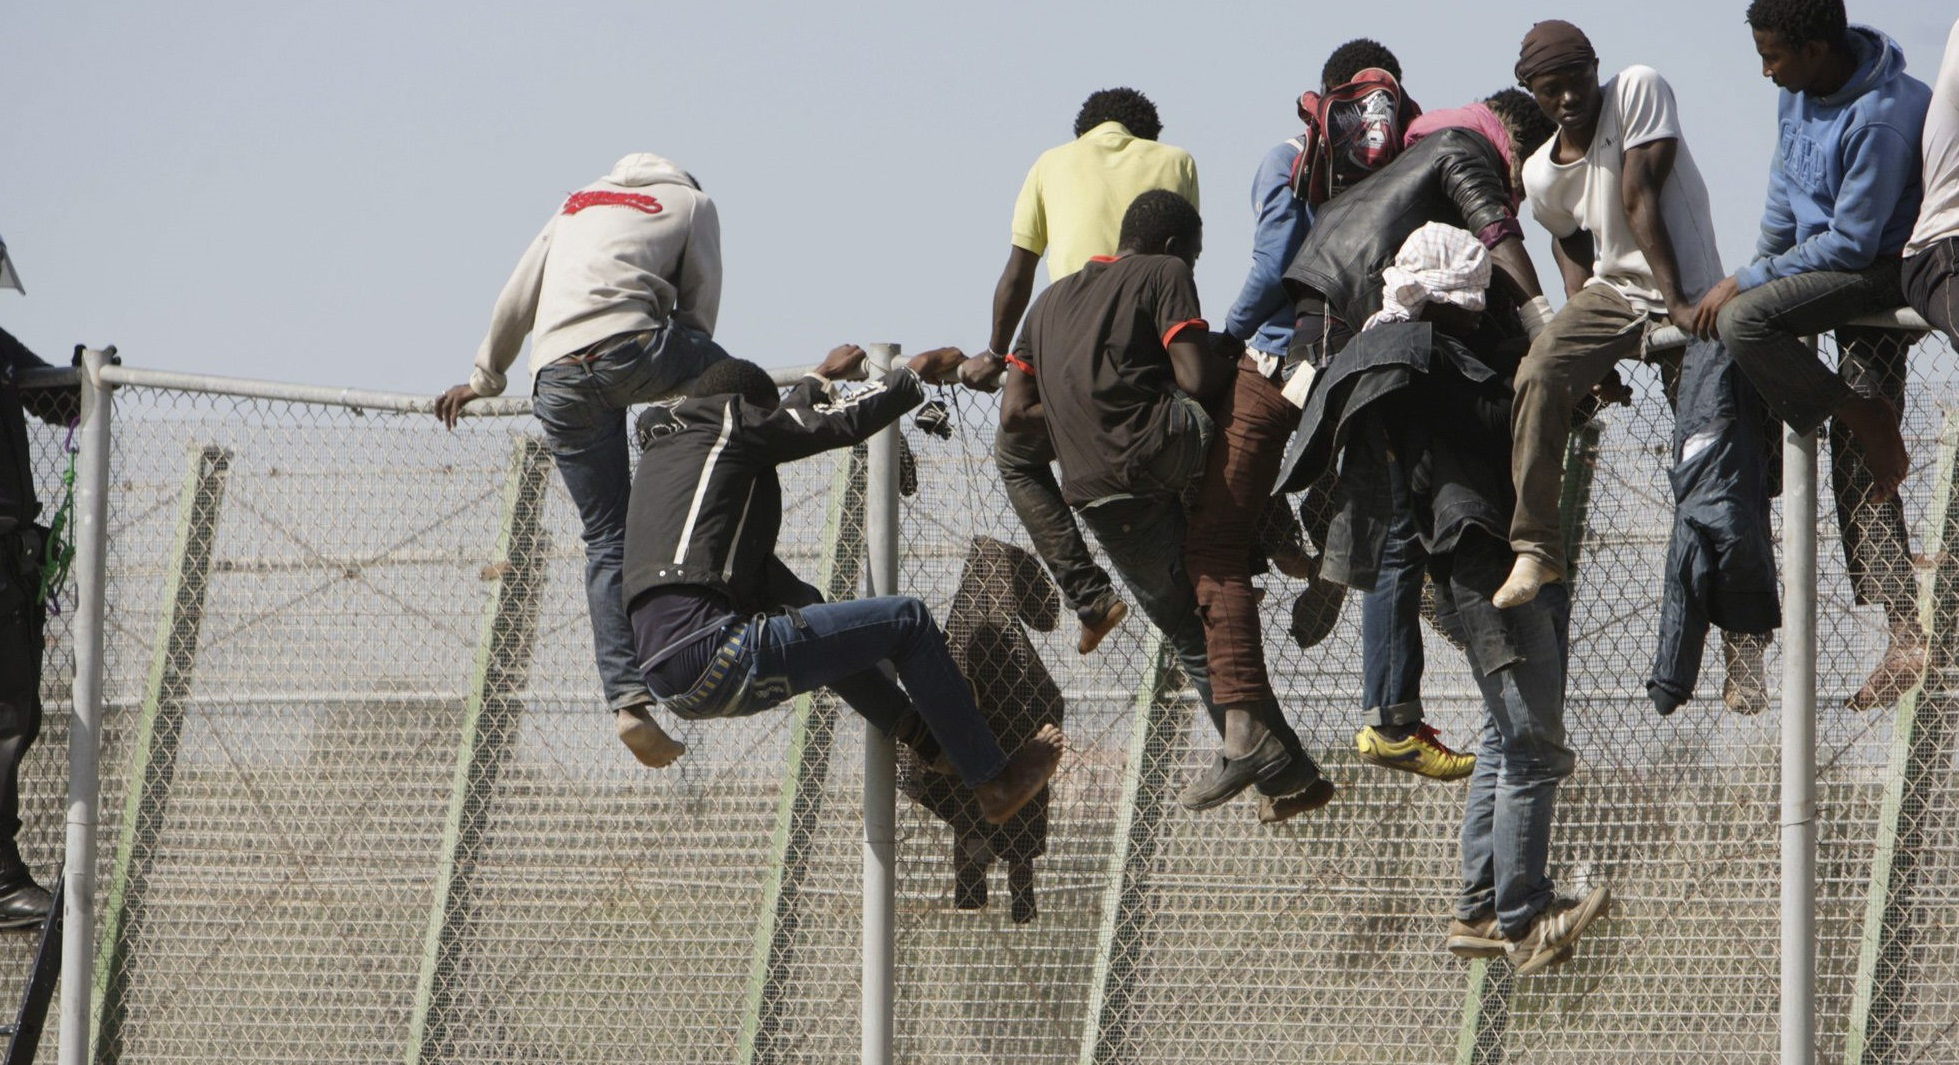 Inmigrantes subidos a la valla de Melilla en uno de los últimos saltos masivos de finales de octubre.